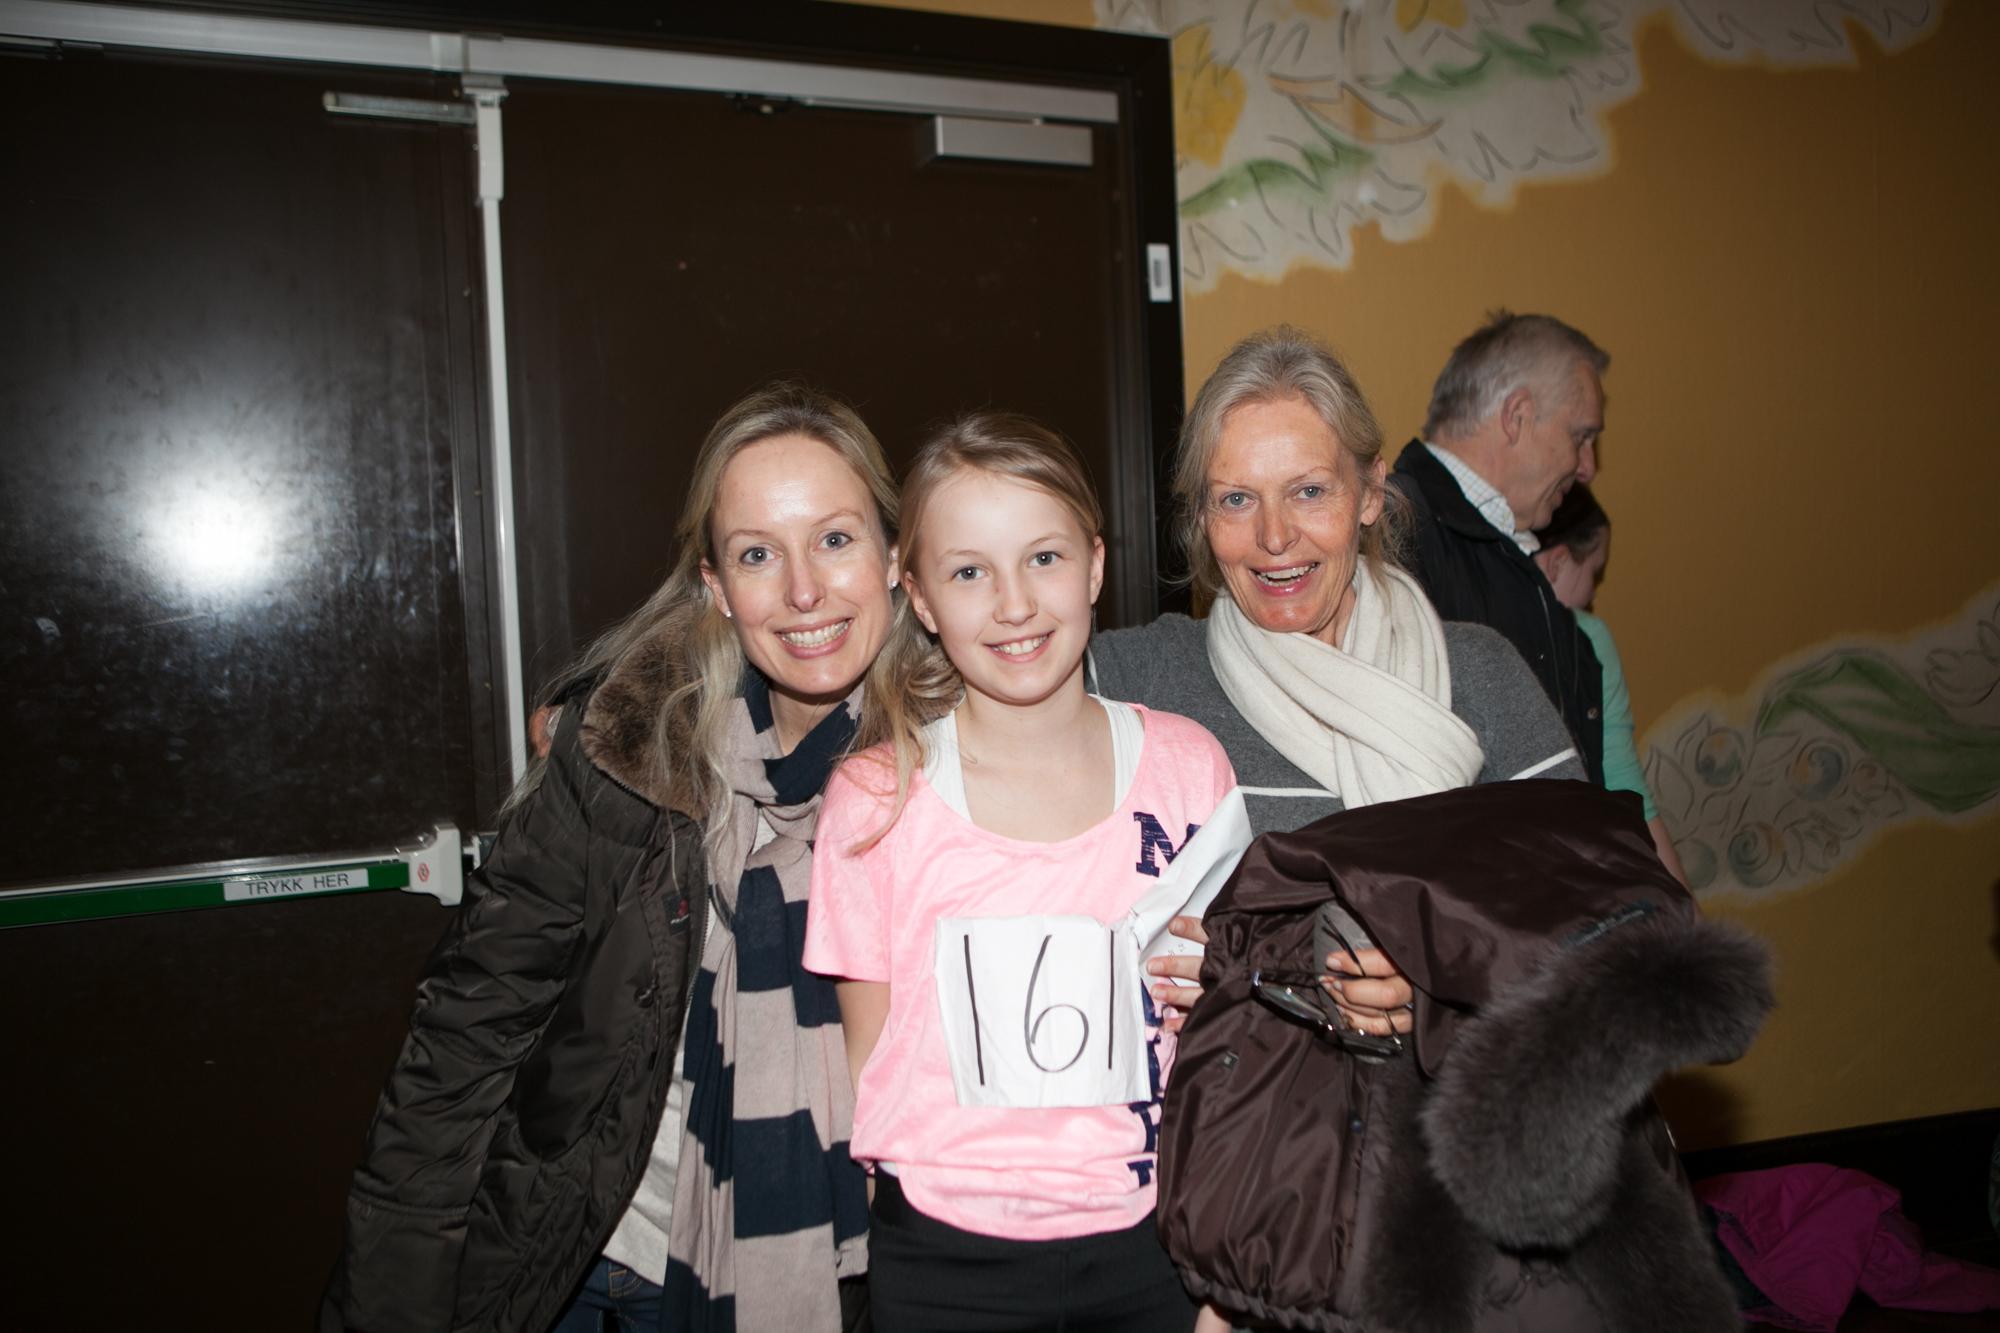 Tre genrasjoner på audition, mor Anette Sinding Langtind, datter Charlotte Sinding Langtind og mormor Mette Langfeldt Sinding